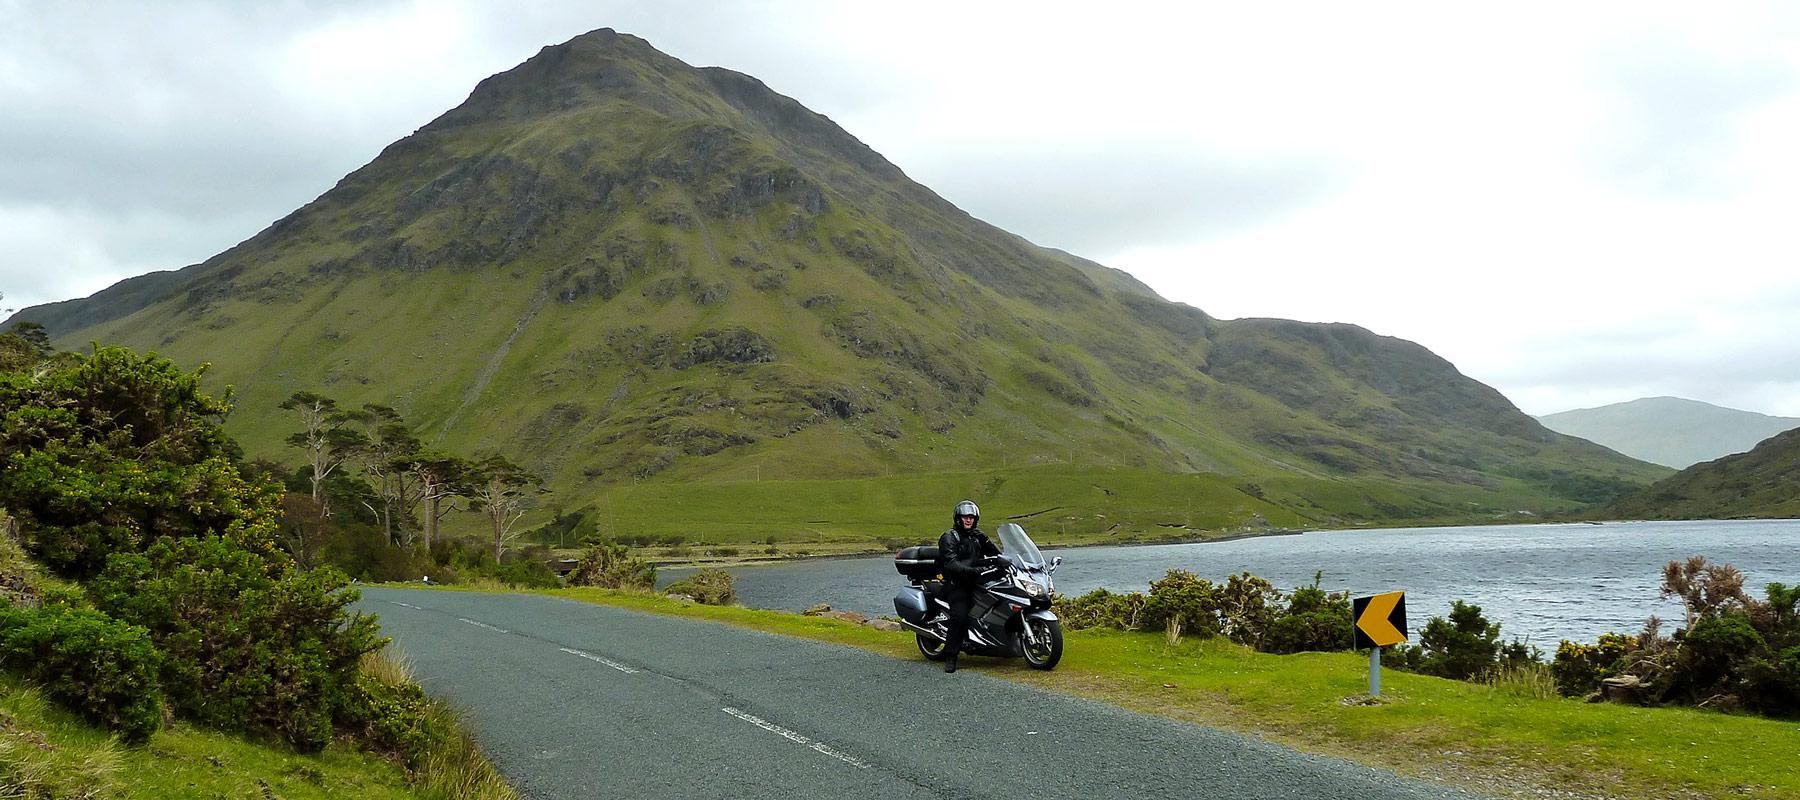 d couvrez nos suggestions de voyages moto en irlande votre rythme et selon vos envies. Black Bedroom Furniture Sets. Home Design Ideas